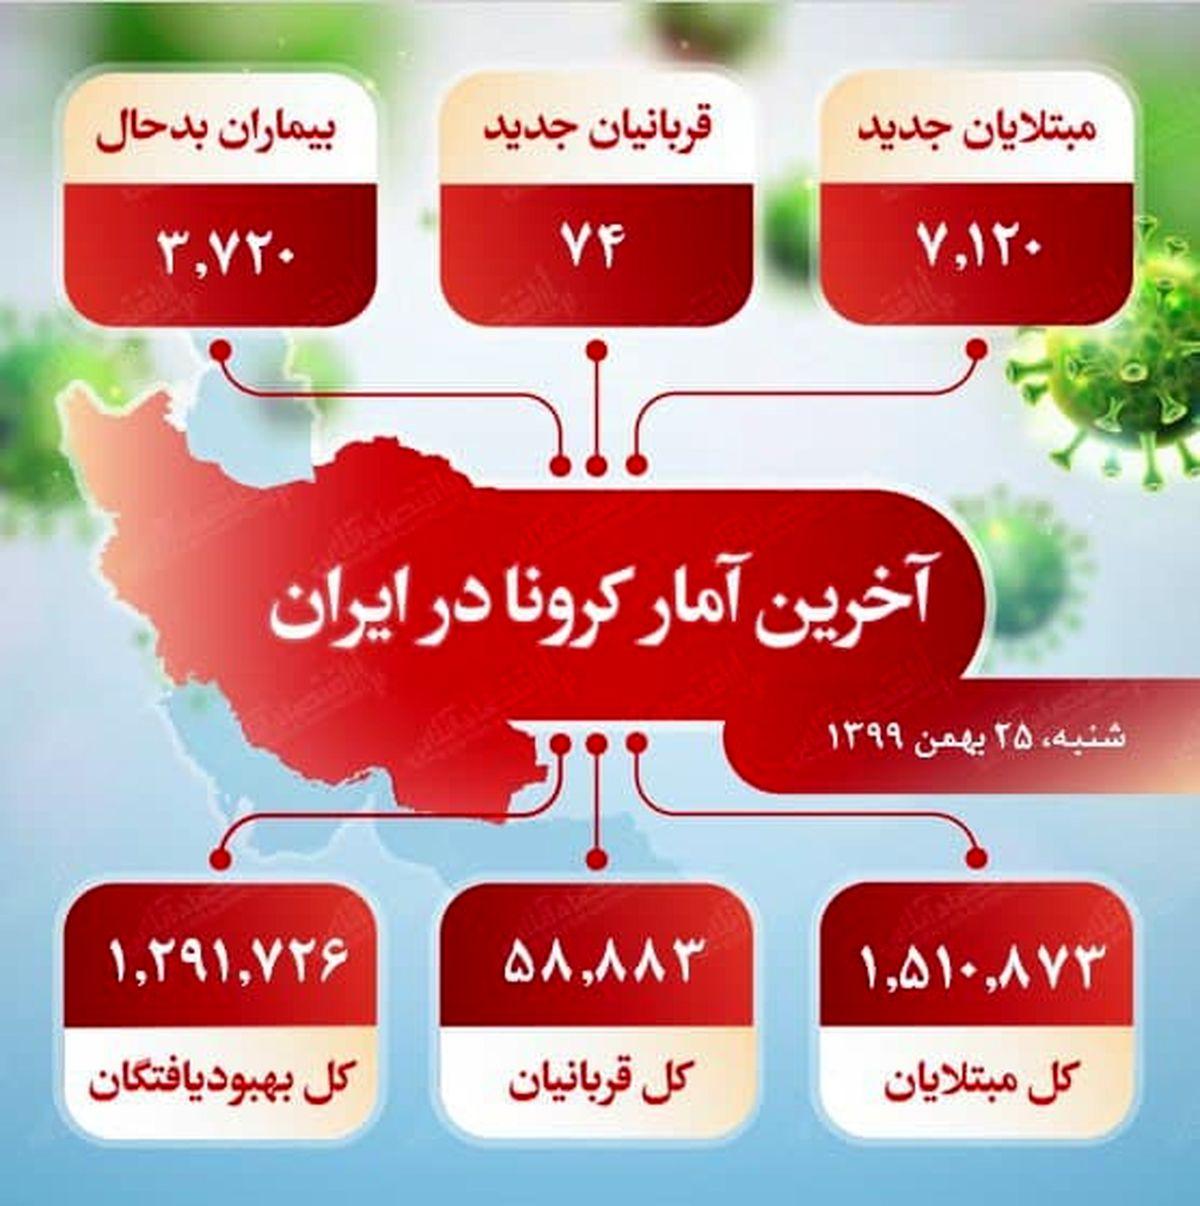 آخرین آمار کرونا در ایران (۹۹/۱۱/۲۵)